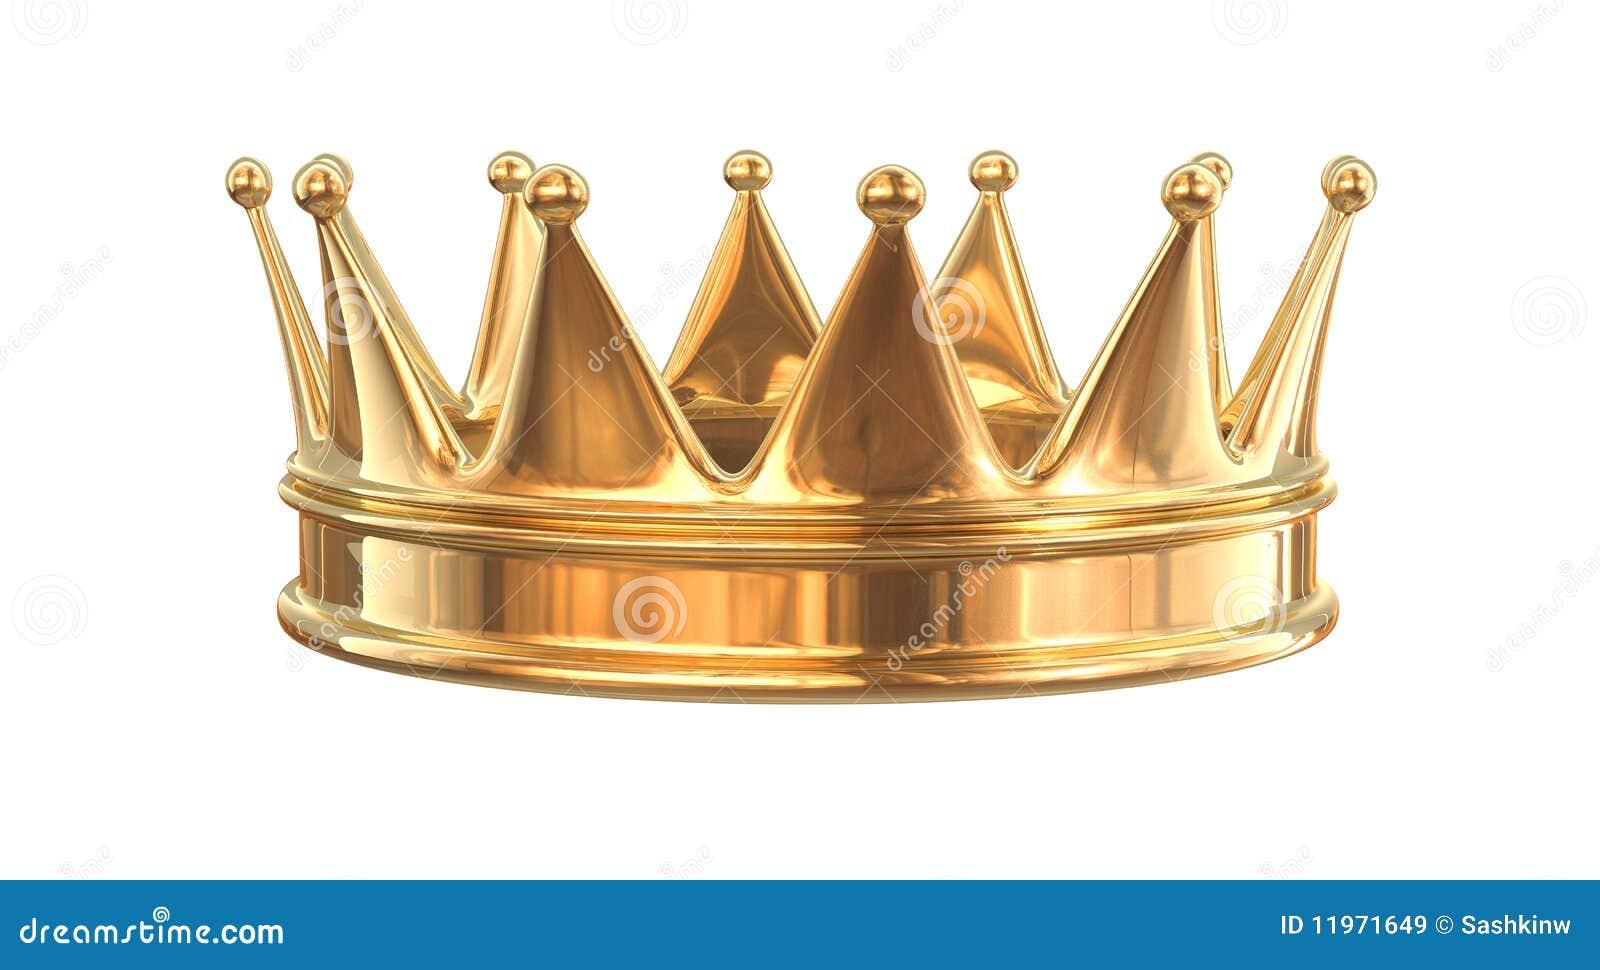 Goldene Krone stock abbildung. Illustration von luxus